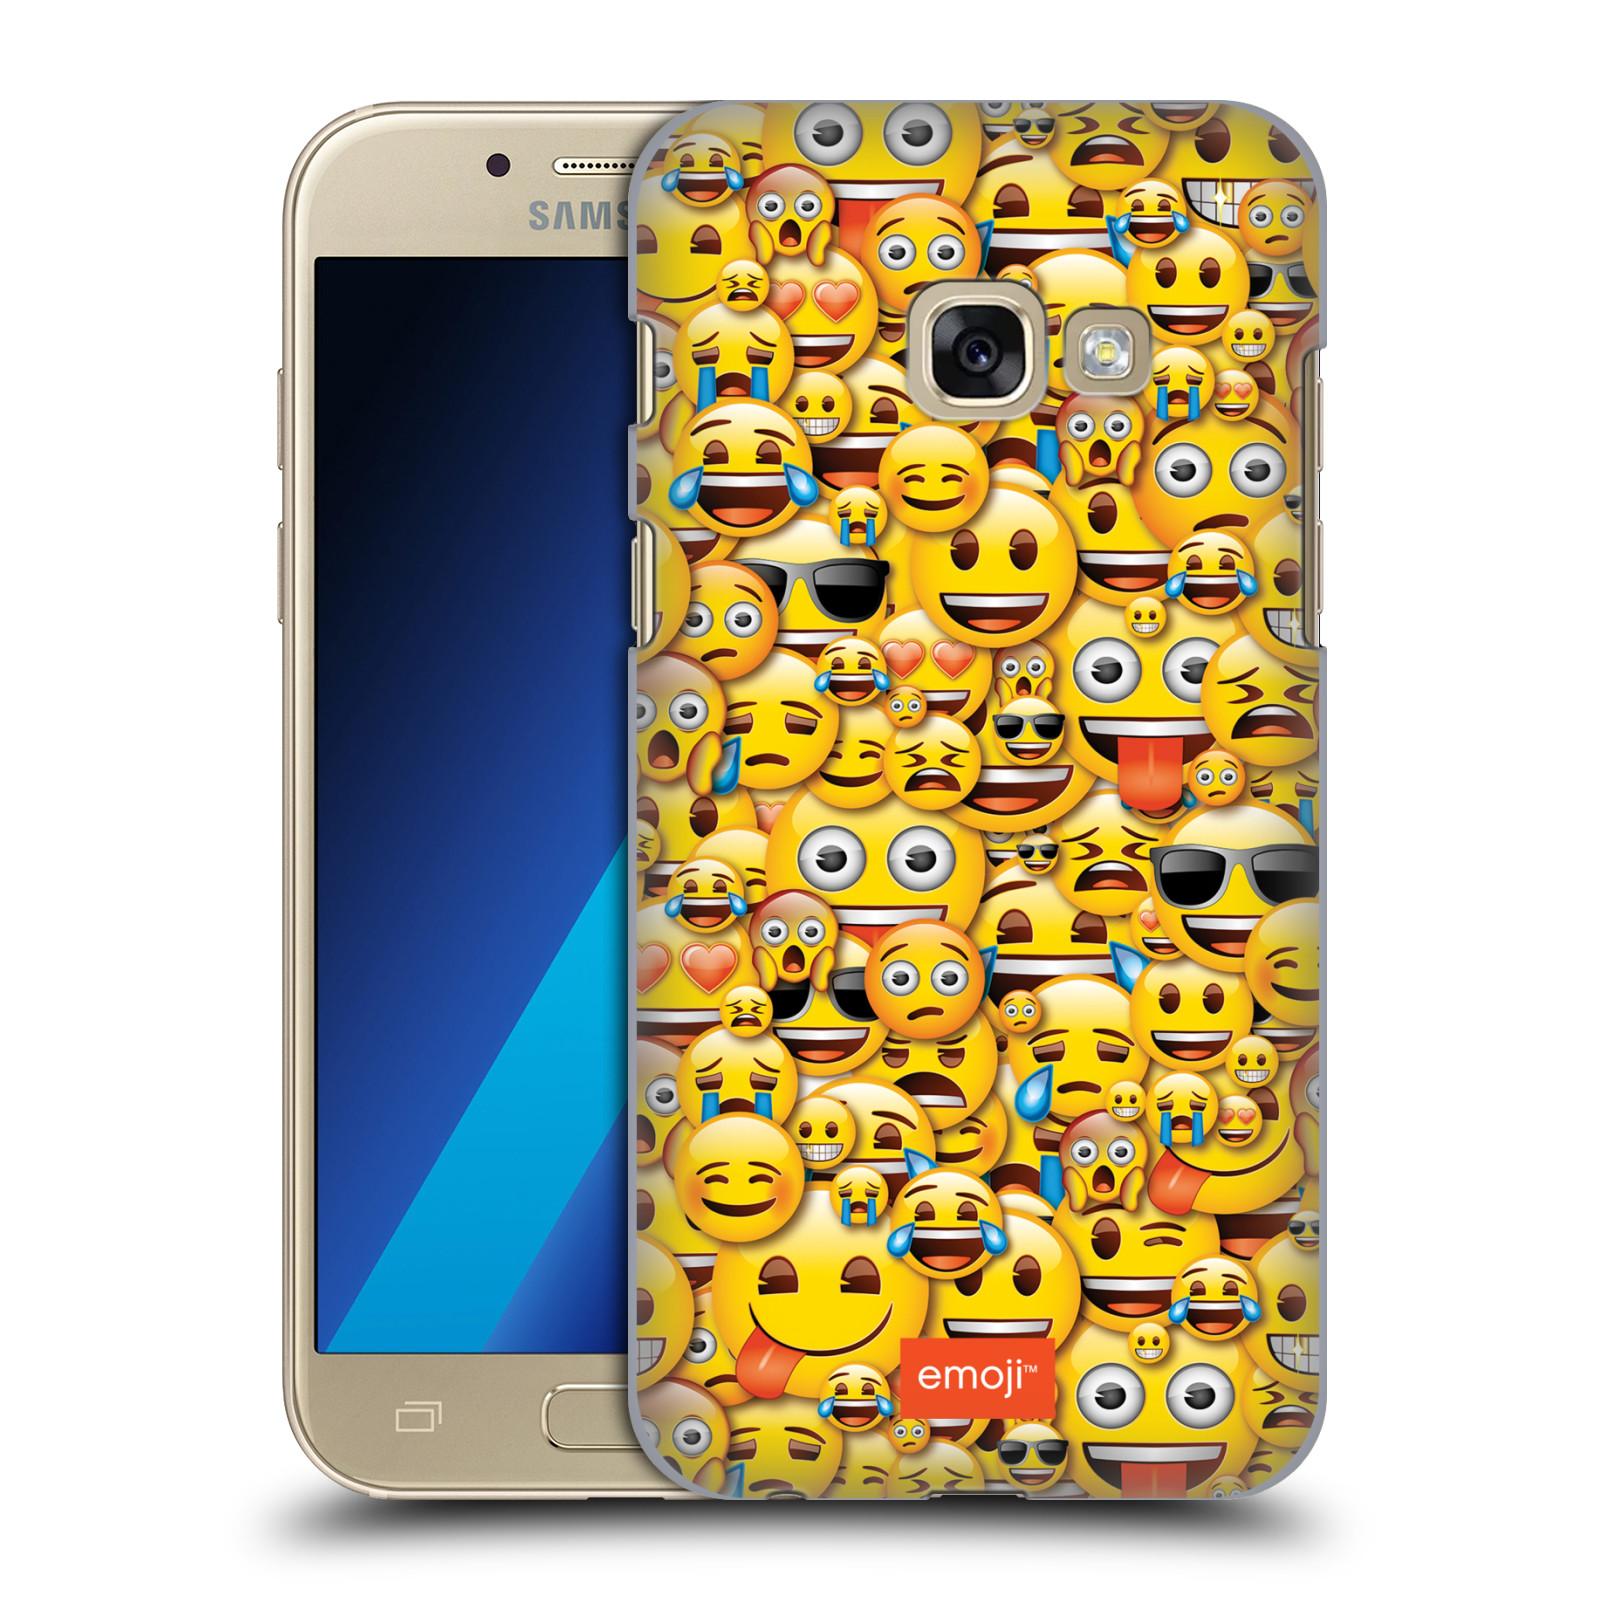 Plastové pouzdro na mobil Samsung Galaxy A3 (2017) HEAD CASE EMOJI - Mnoho malých smajlíků